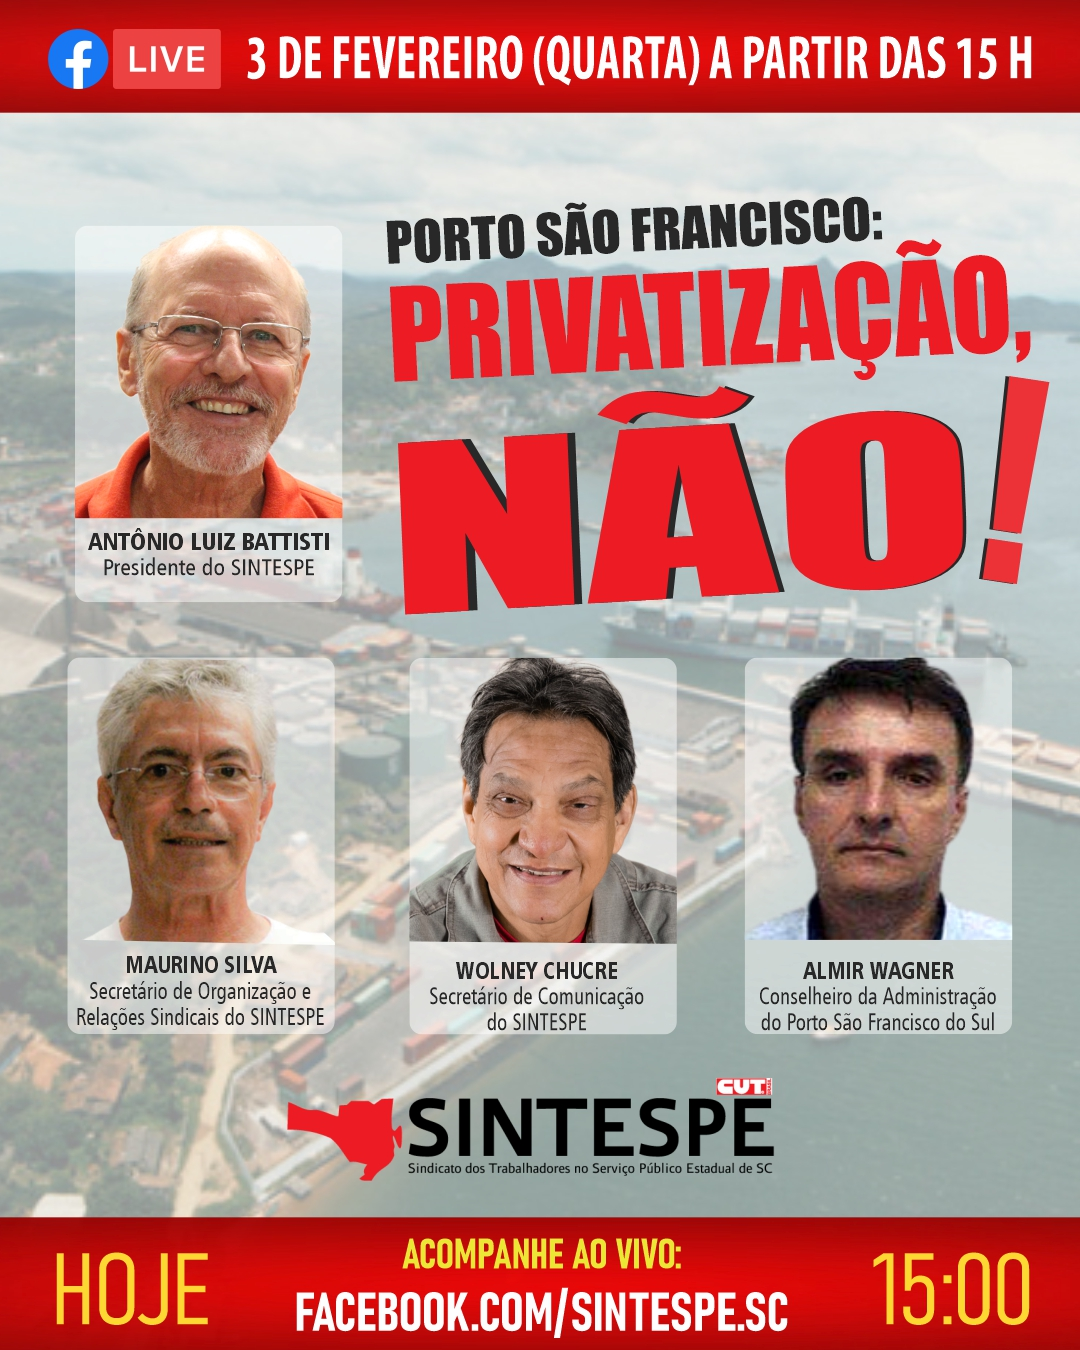 Porto São Francisco do Sul: PRIVATIZAÇÃO NÃO!